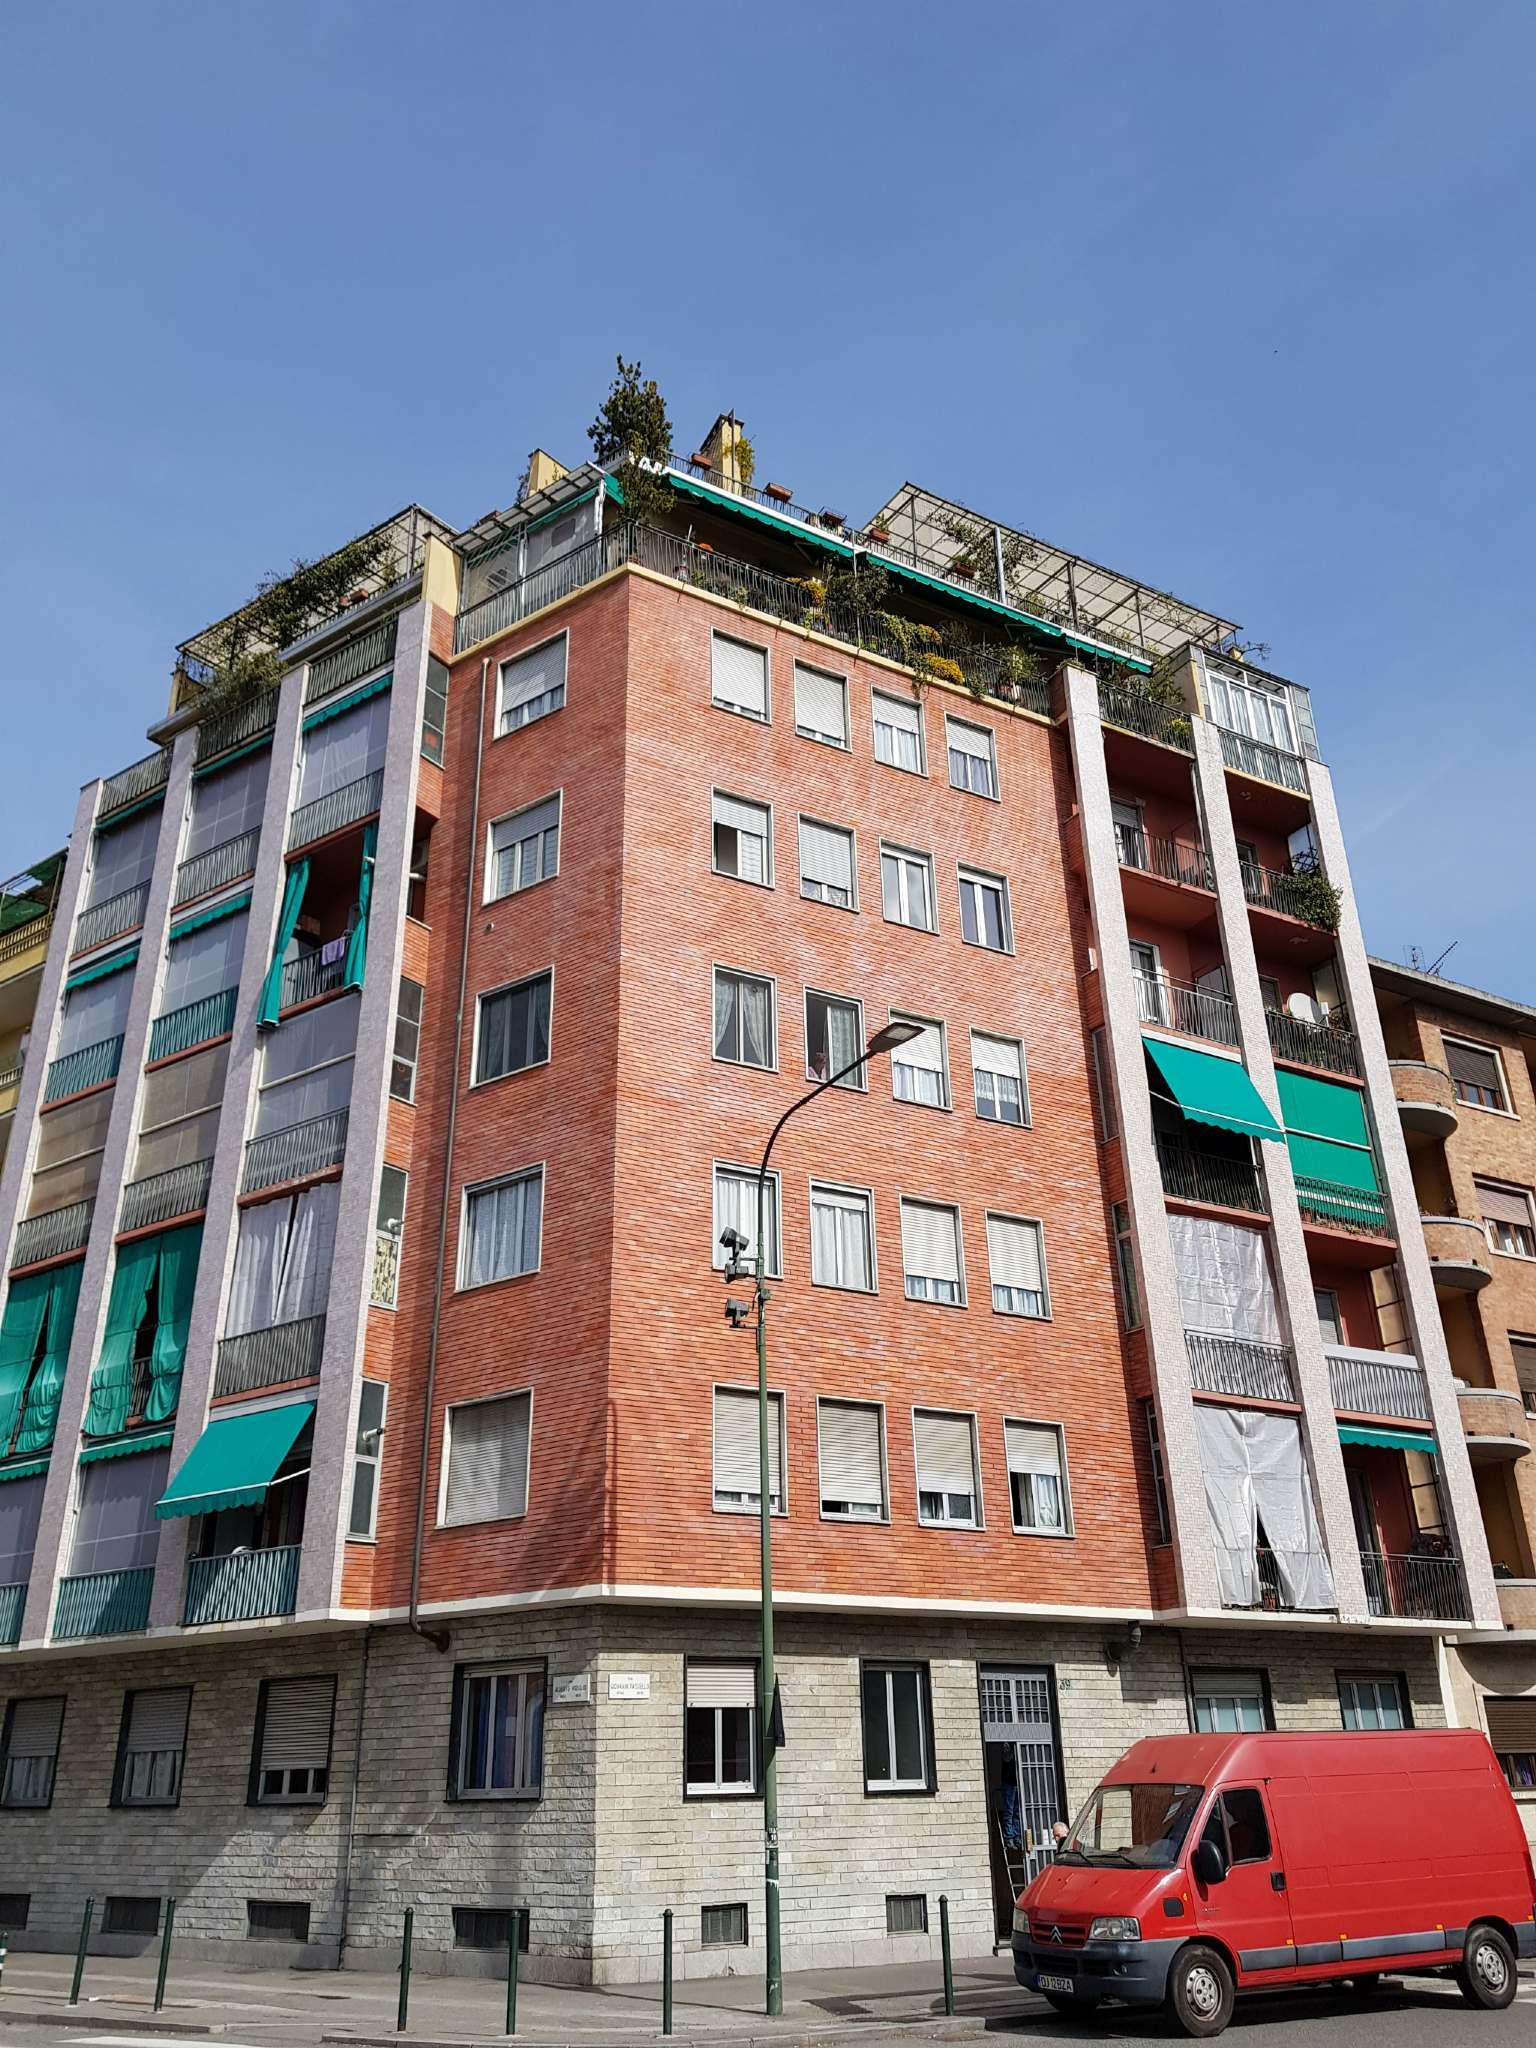 Immagine immobiliare pressi piazza respighi, via paisiello ottimo trilocale con box € 79.000 descrizione dell'appartamentol'appartamento è posto al piano rialzato, si affaccia su via viriglio e su cortile con una doppia esposizione....